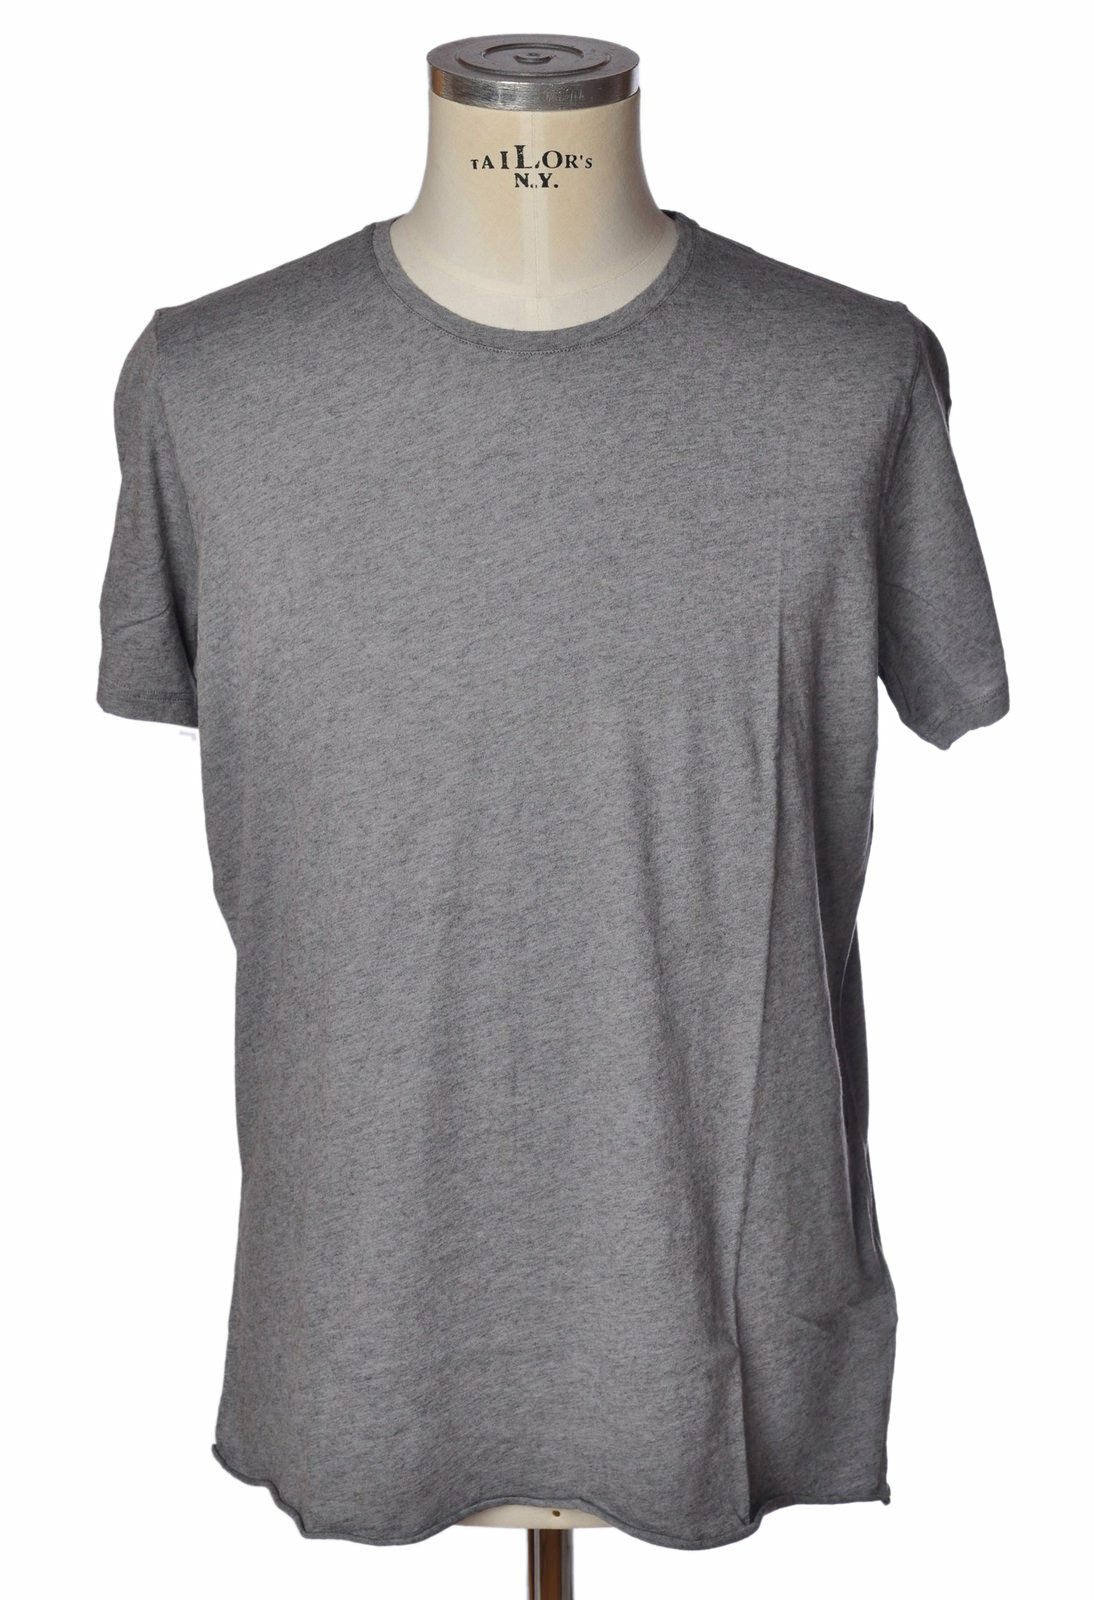 Majestic - Knitwear-Sweaters - man - Grey - 720917C184349